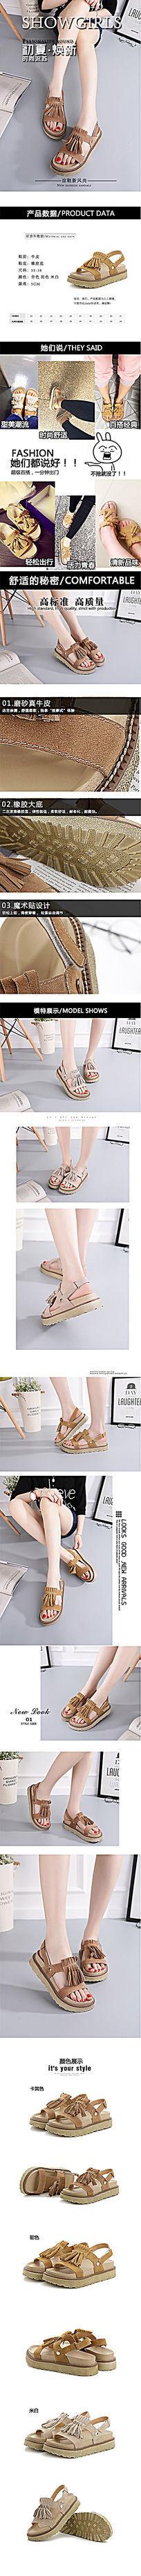 淘宝女鞋凉鞋详情页宝贝描述